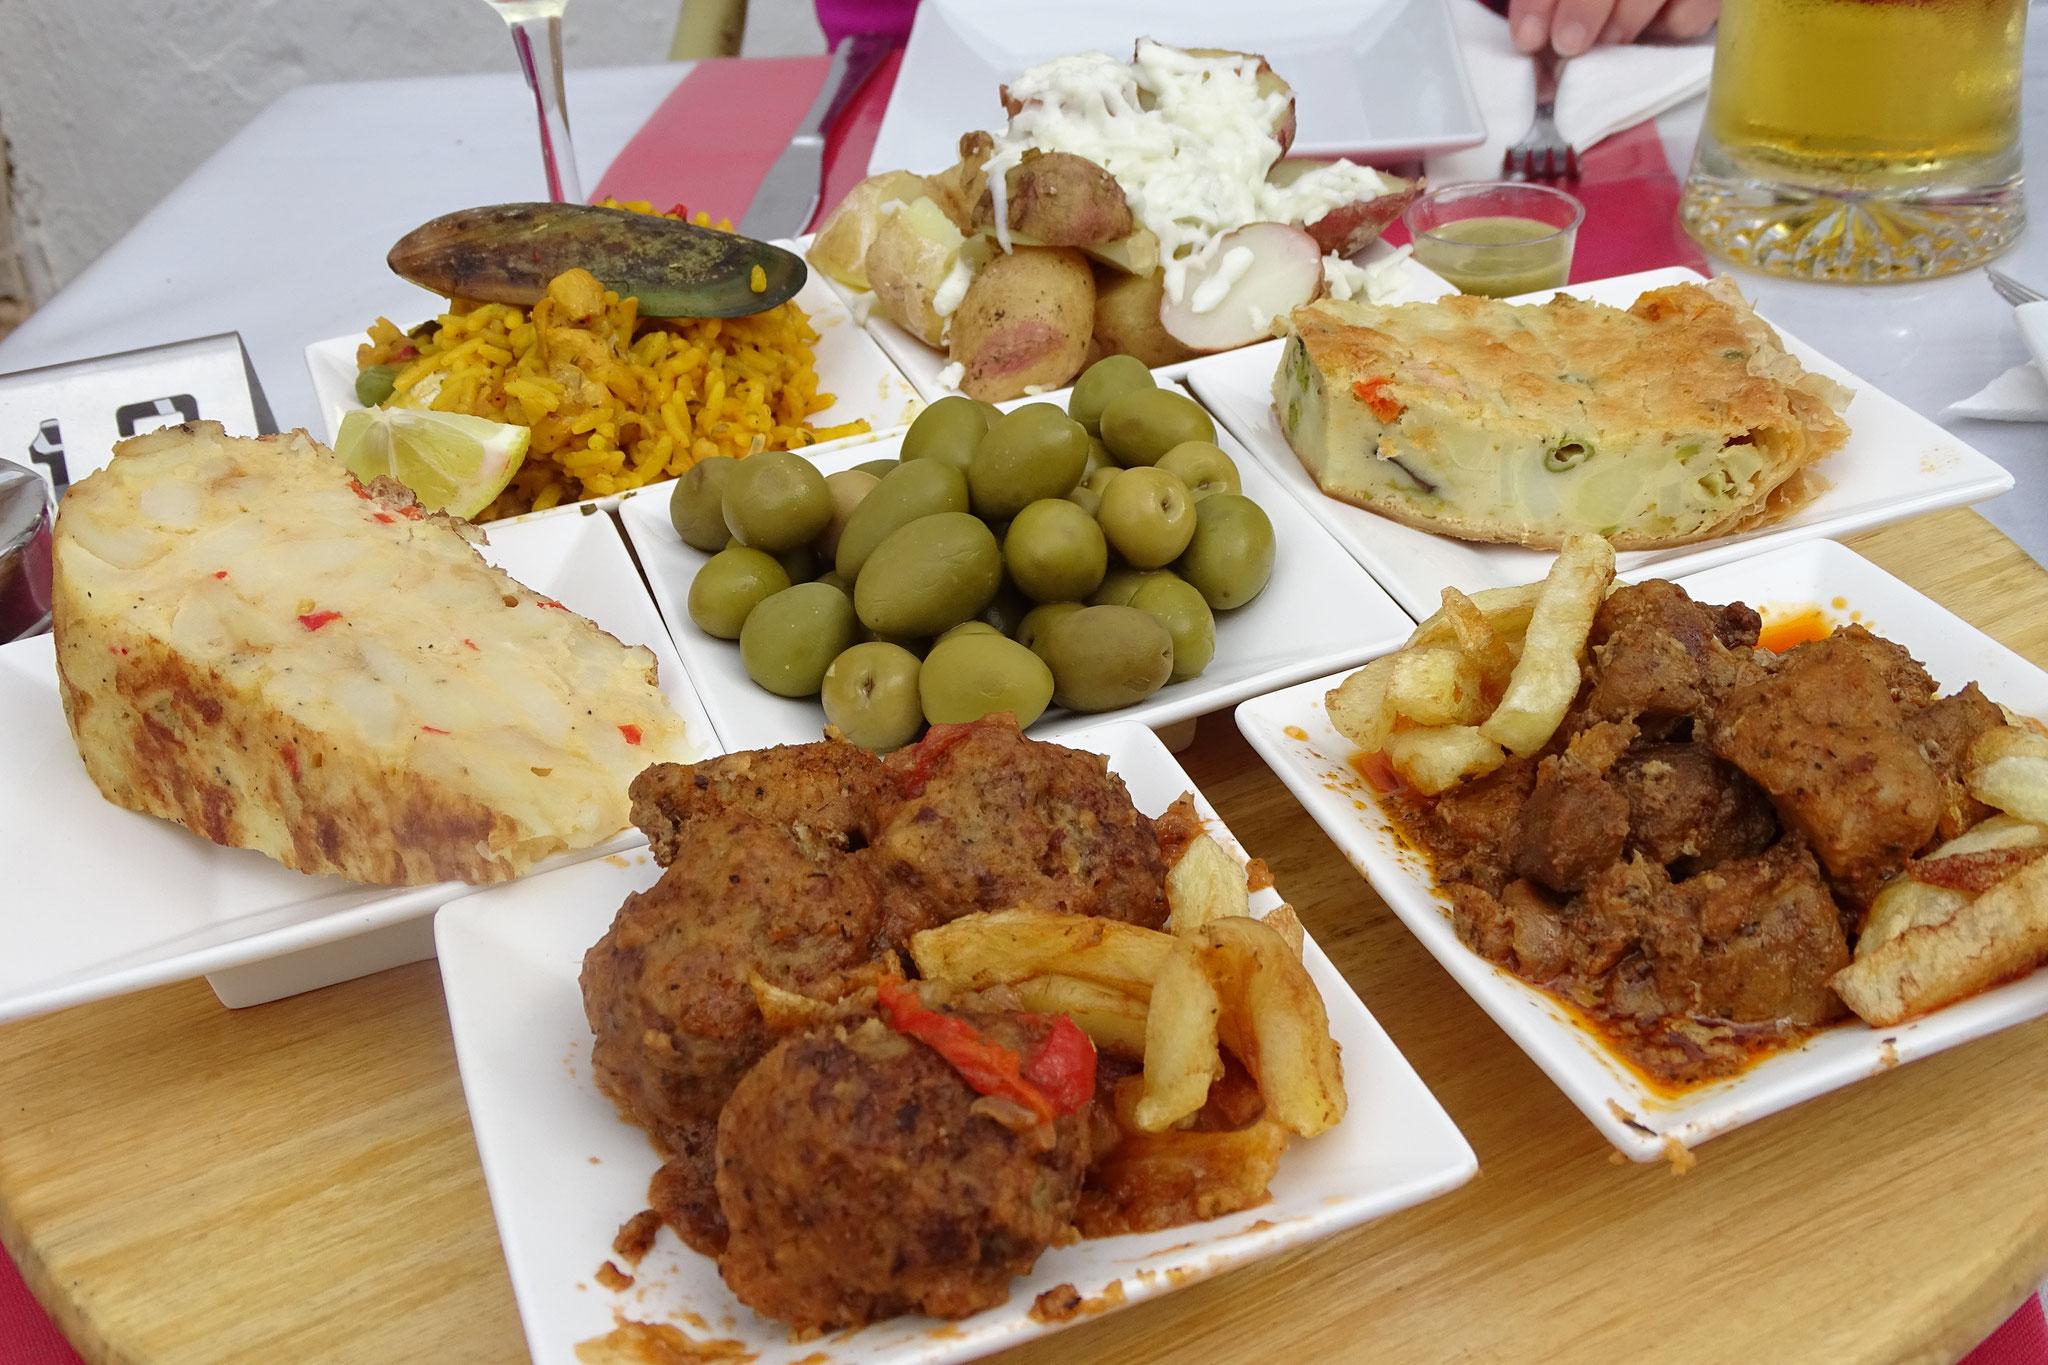 ... der auch zu kulinarischen Genüssen einlädt, wie etwa eine köstliche Tapas-Platte